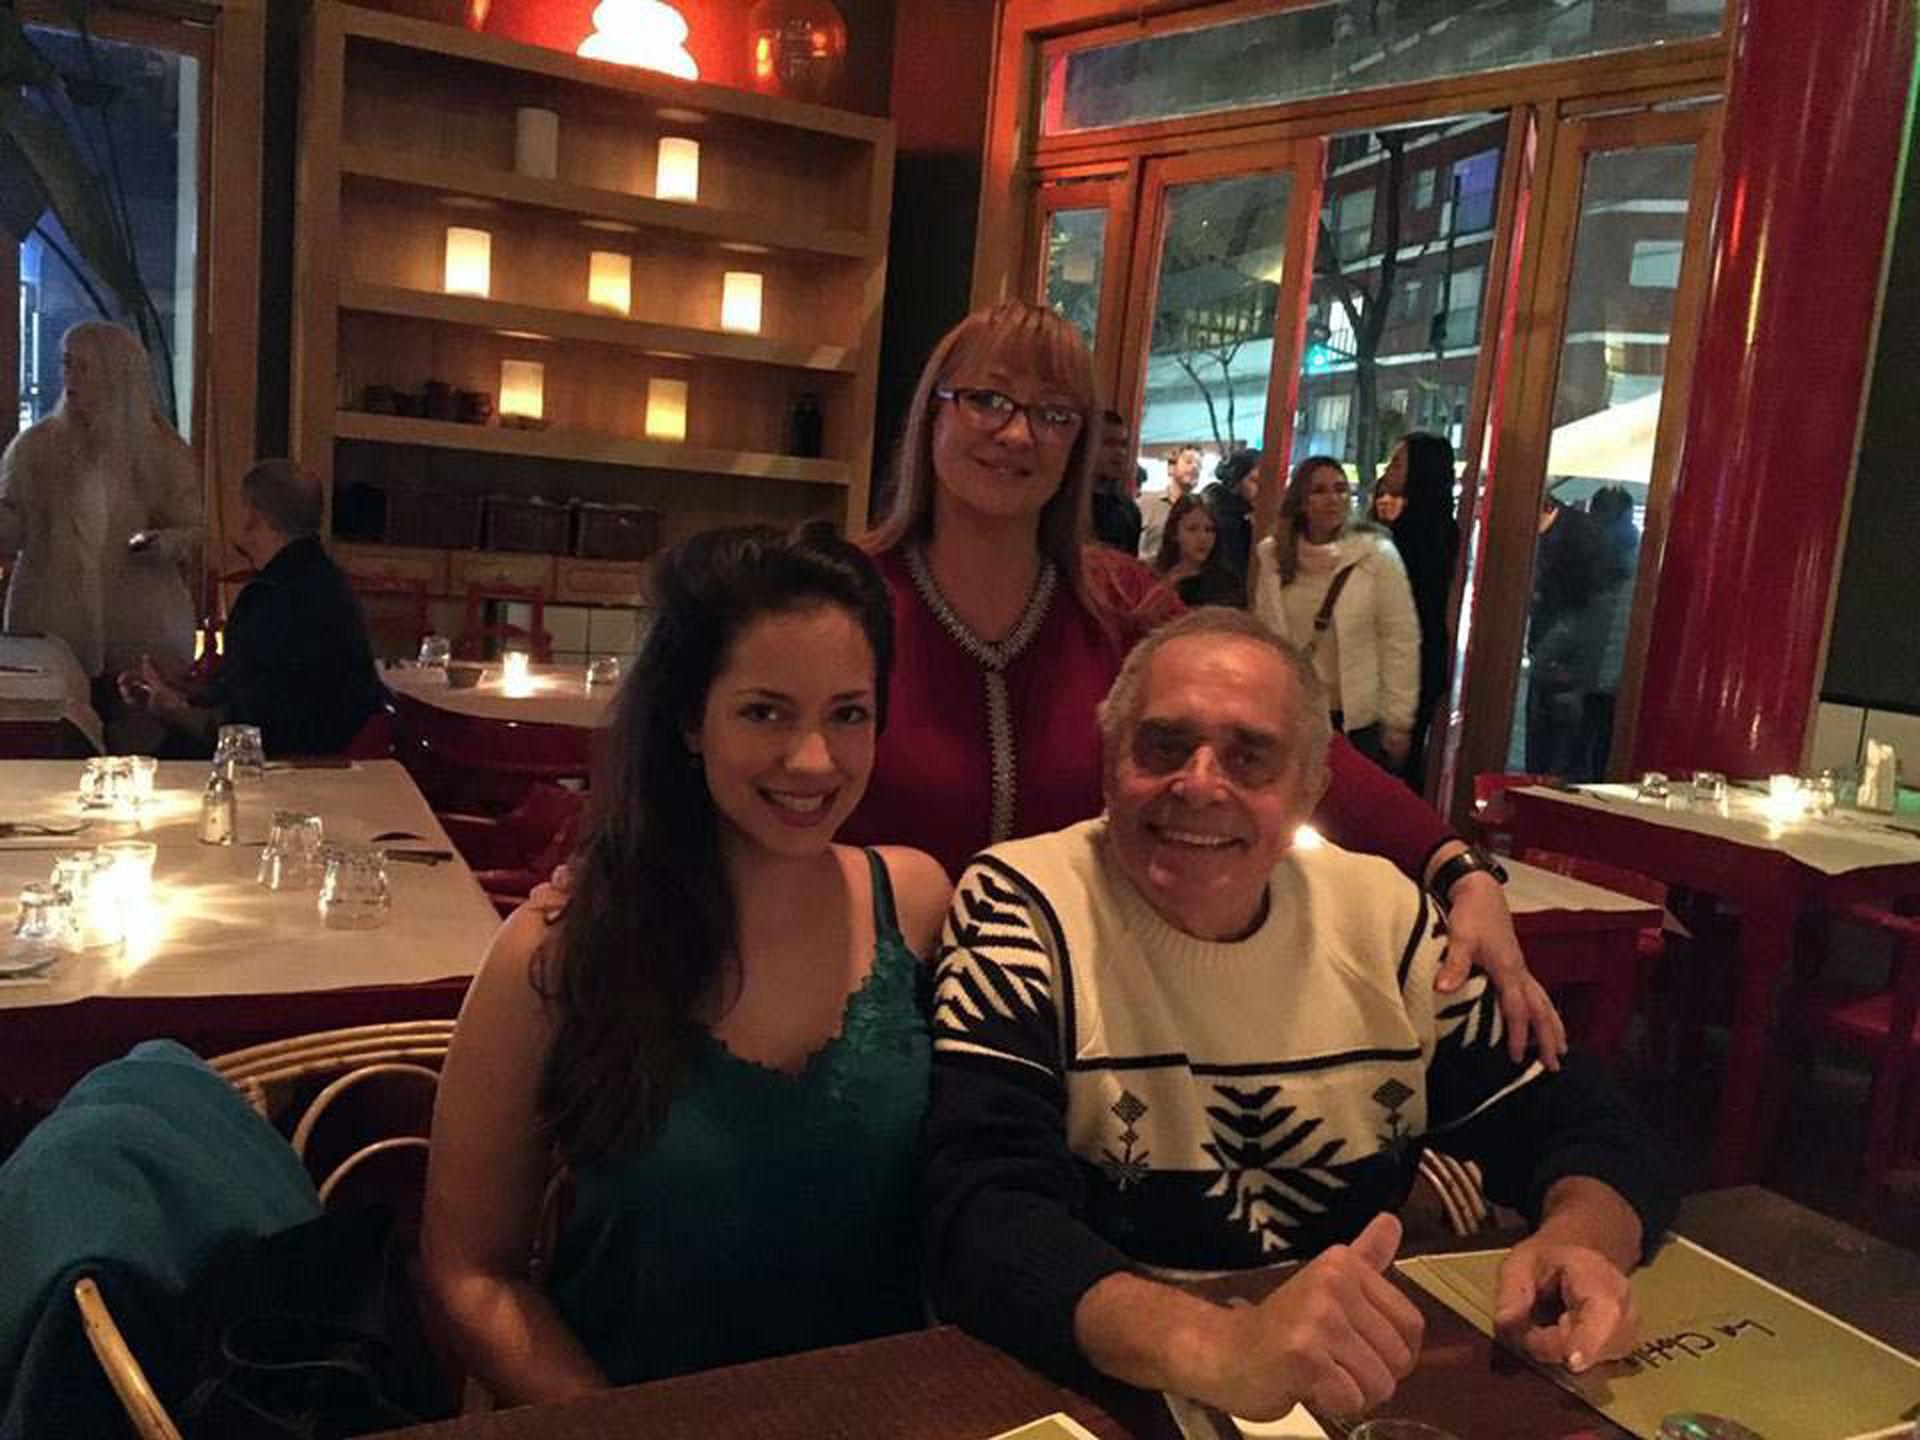 Camila Velasco celebró su cumpleaños con sus padres en un restaurante. Ahora trabaja como ingeniera, pero hace unos años trabajaba en los medios y llegó a ser tapa de Playboy